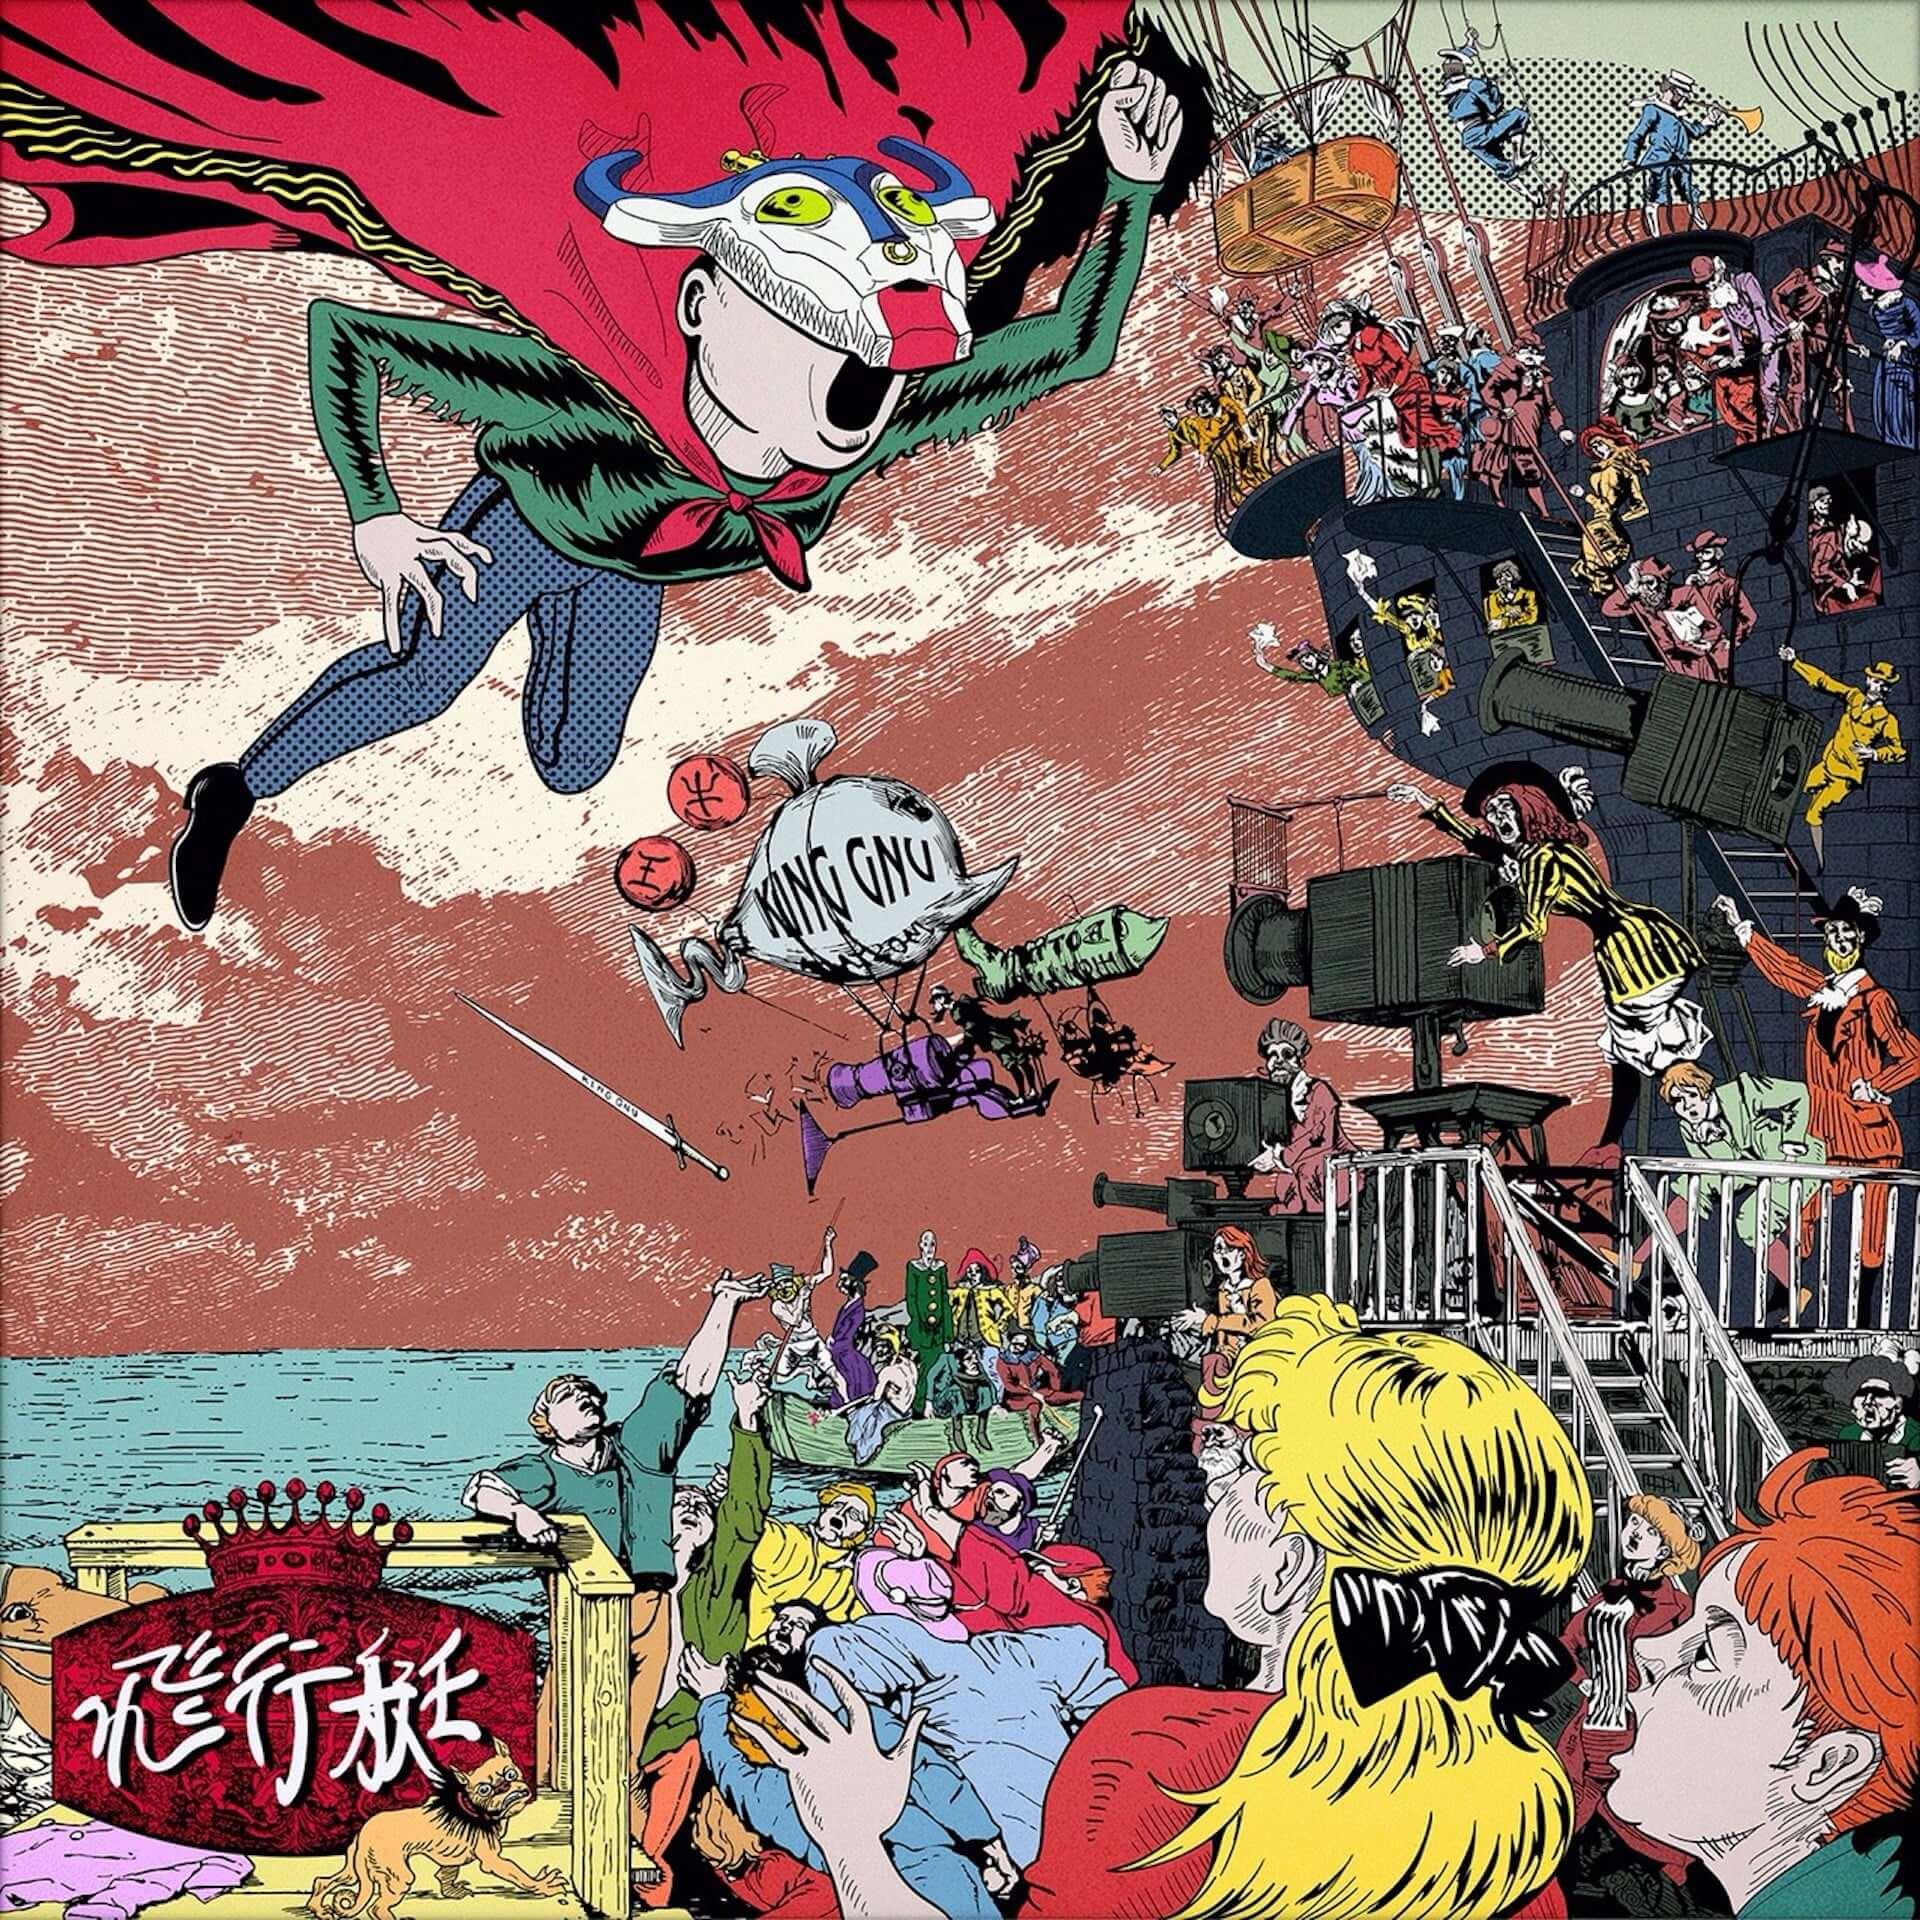 King Gnuの最新デジタル・シングル「飛行艇」のMVが公開|映像はPERIMETRONが制作 music190822_kinggnu_hikoutei_1-1920x1920